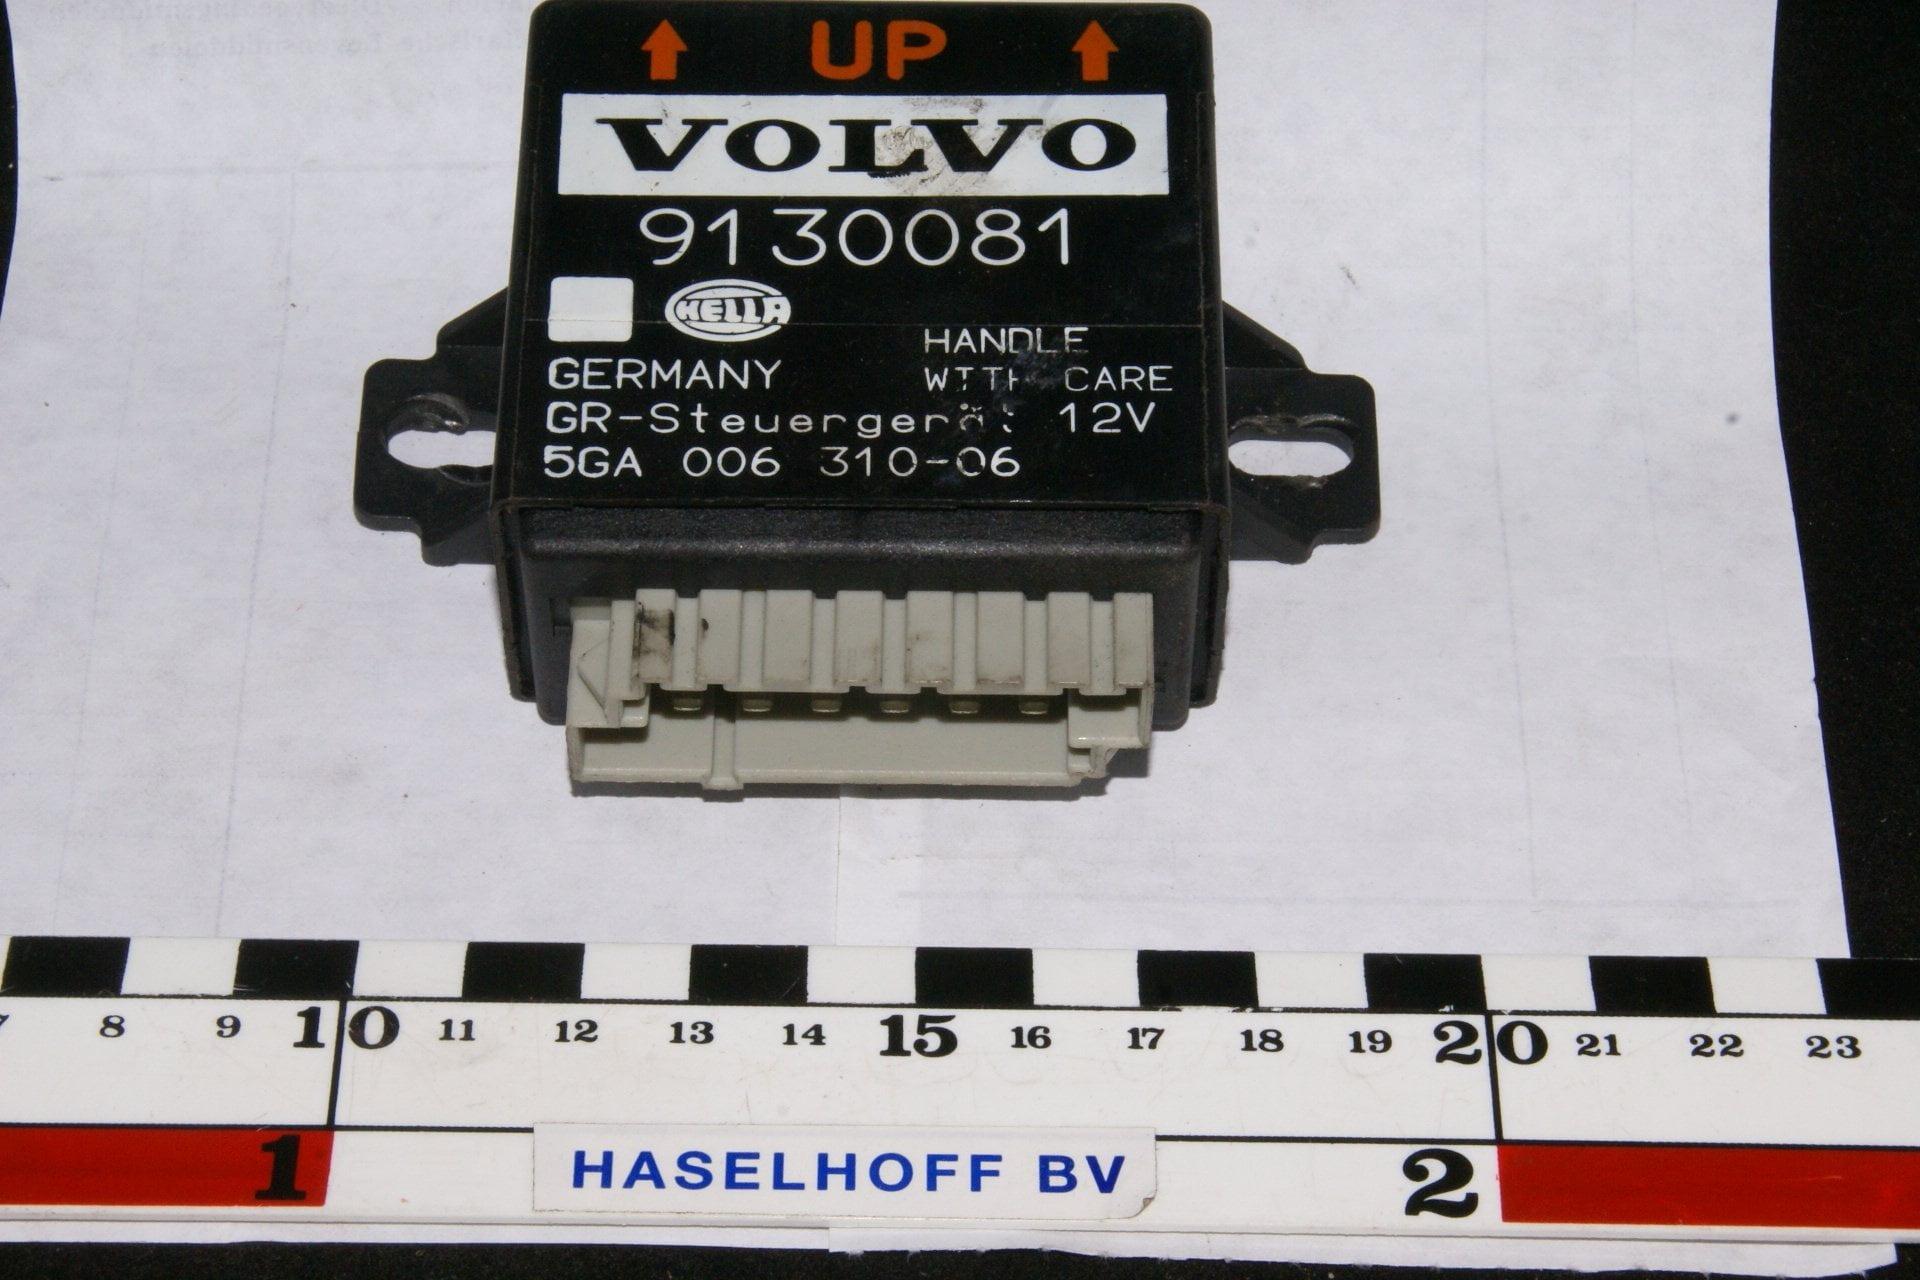 DSC00960 Volvo steuregerat 9130081